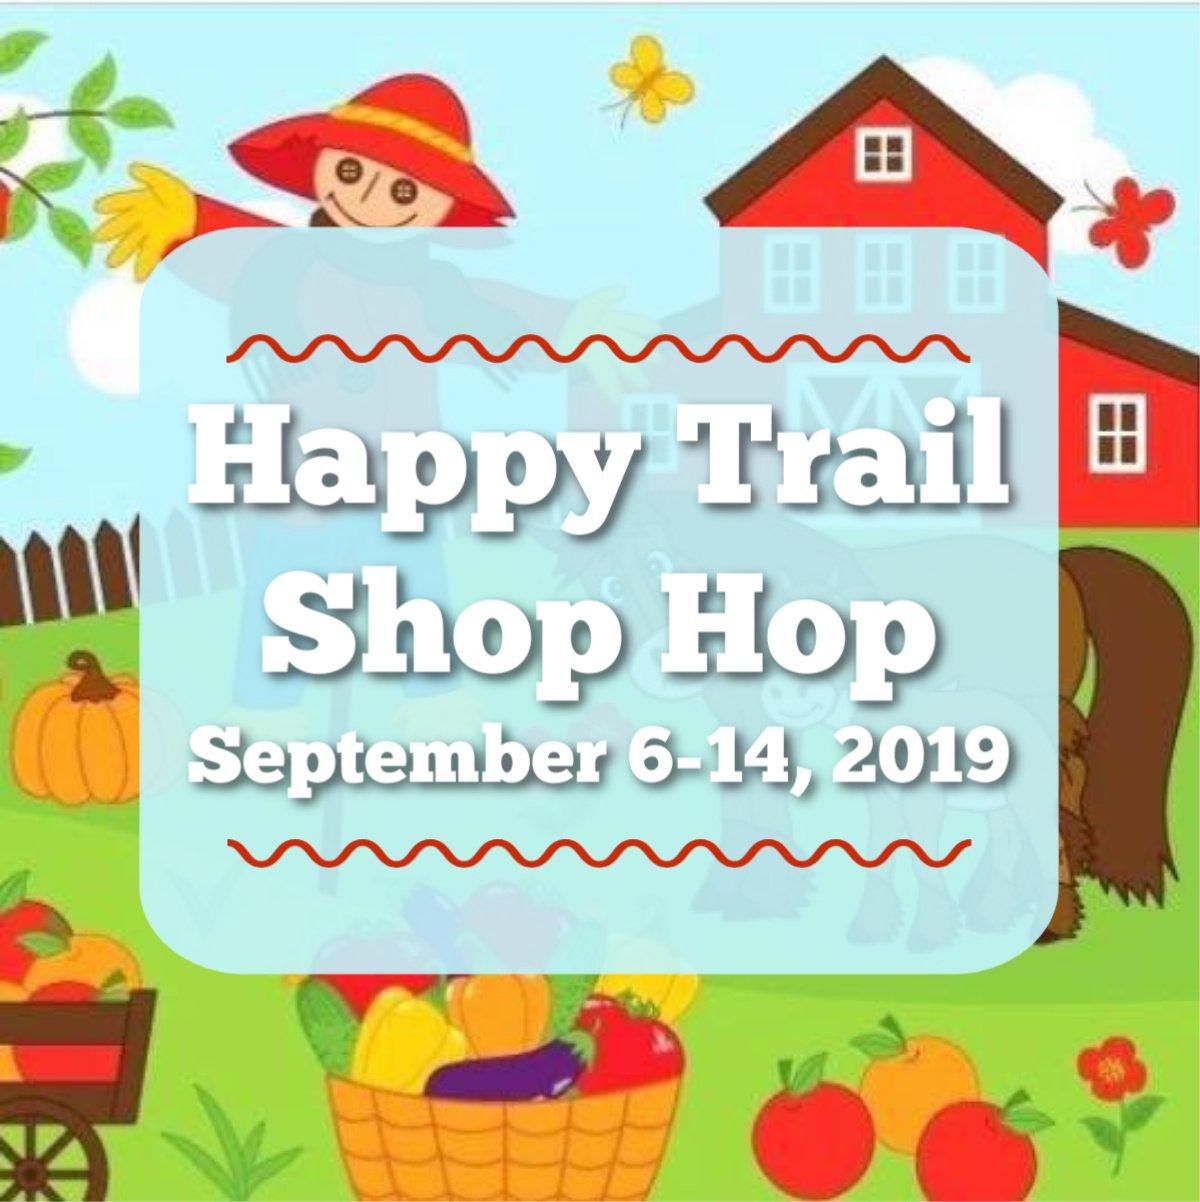 Happy Trail Shop Hop